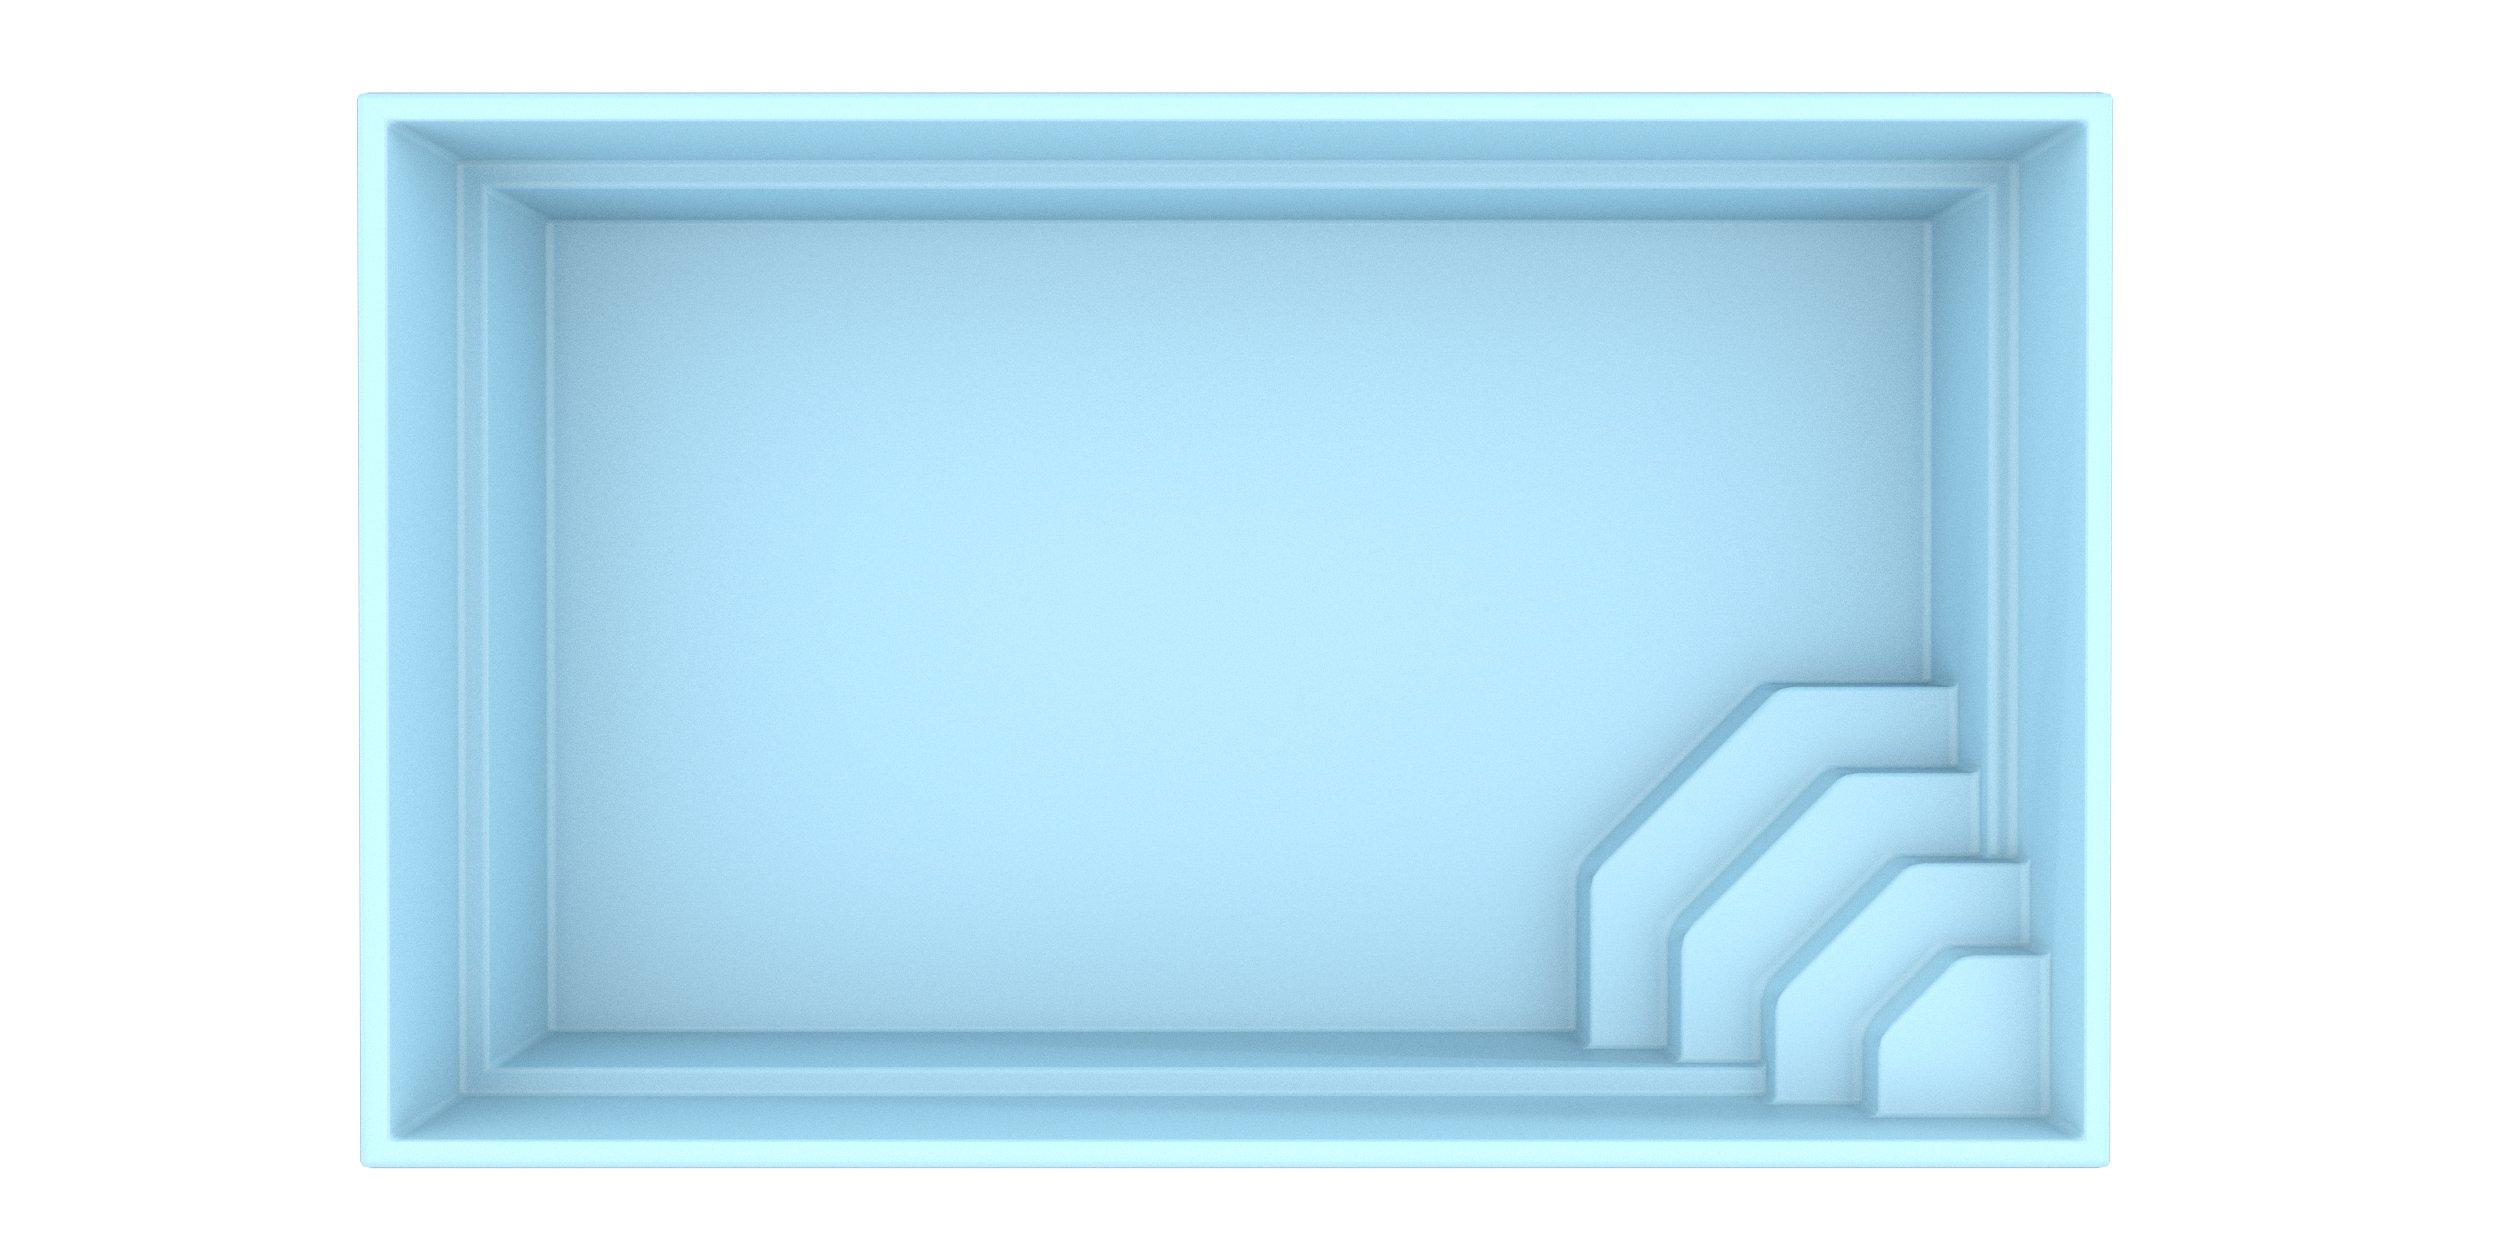 Full Size of Gfk Pool Rund Runde Betten Marokko Rundreise Und Baden Sofa Esstische Runder Esstisch Ausziehbar Weiß Im Garten Bauen Kuba Mini Mit Stühlen Mexiko Whirlpool Wohnzimmer Gfk Pool Rund